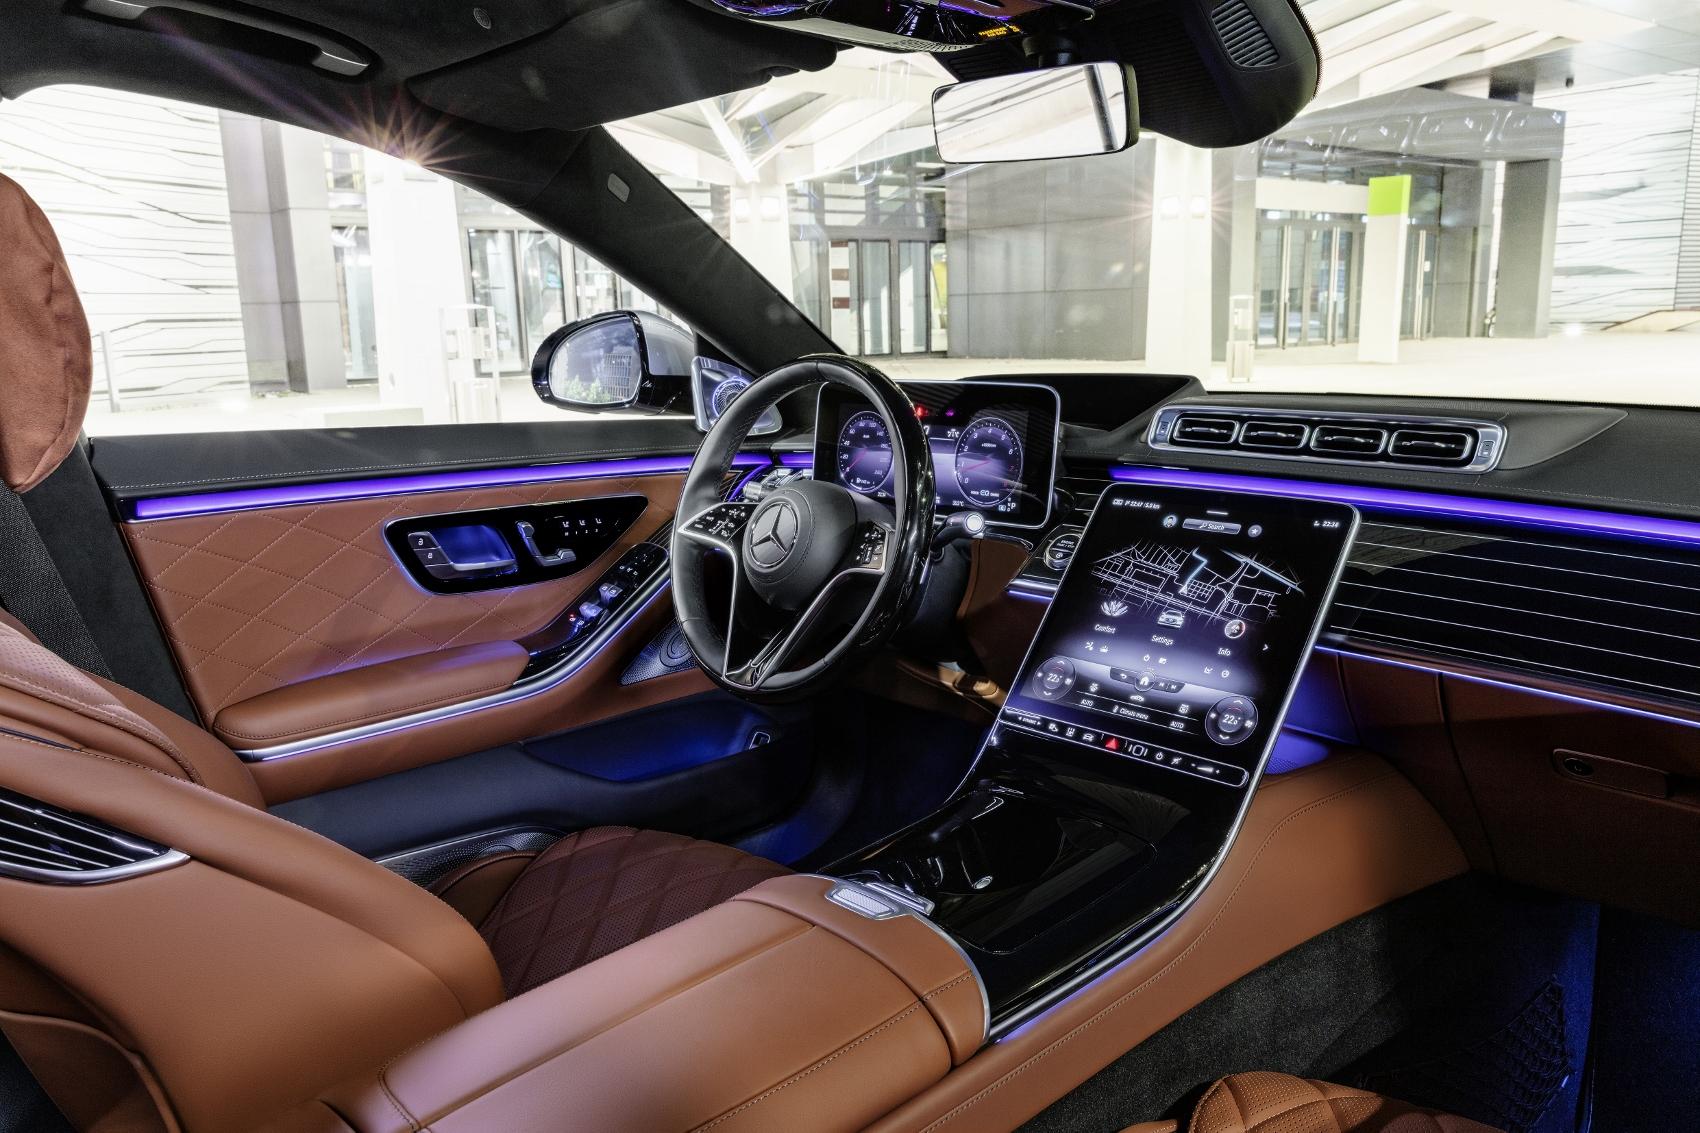 Nový Mercedes S je najpokročilejším Mercedesom v histórii un2ohMB5CI 20c0358103-1700x1133